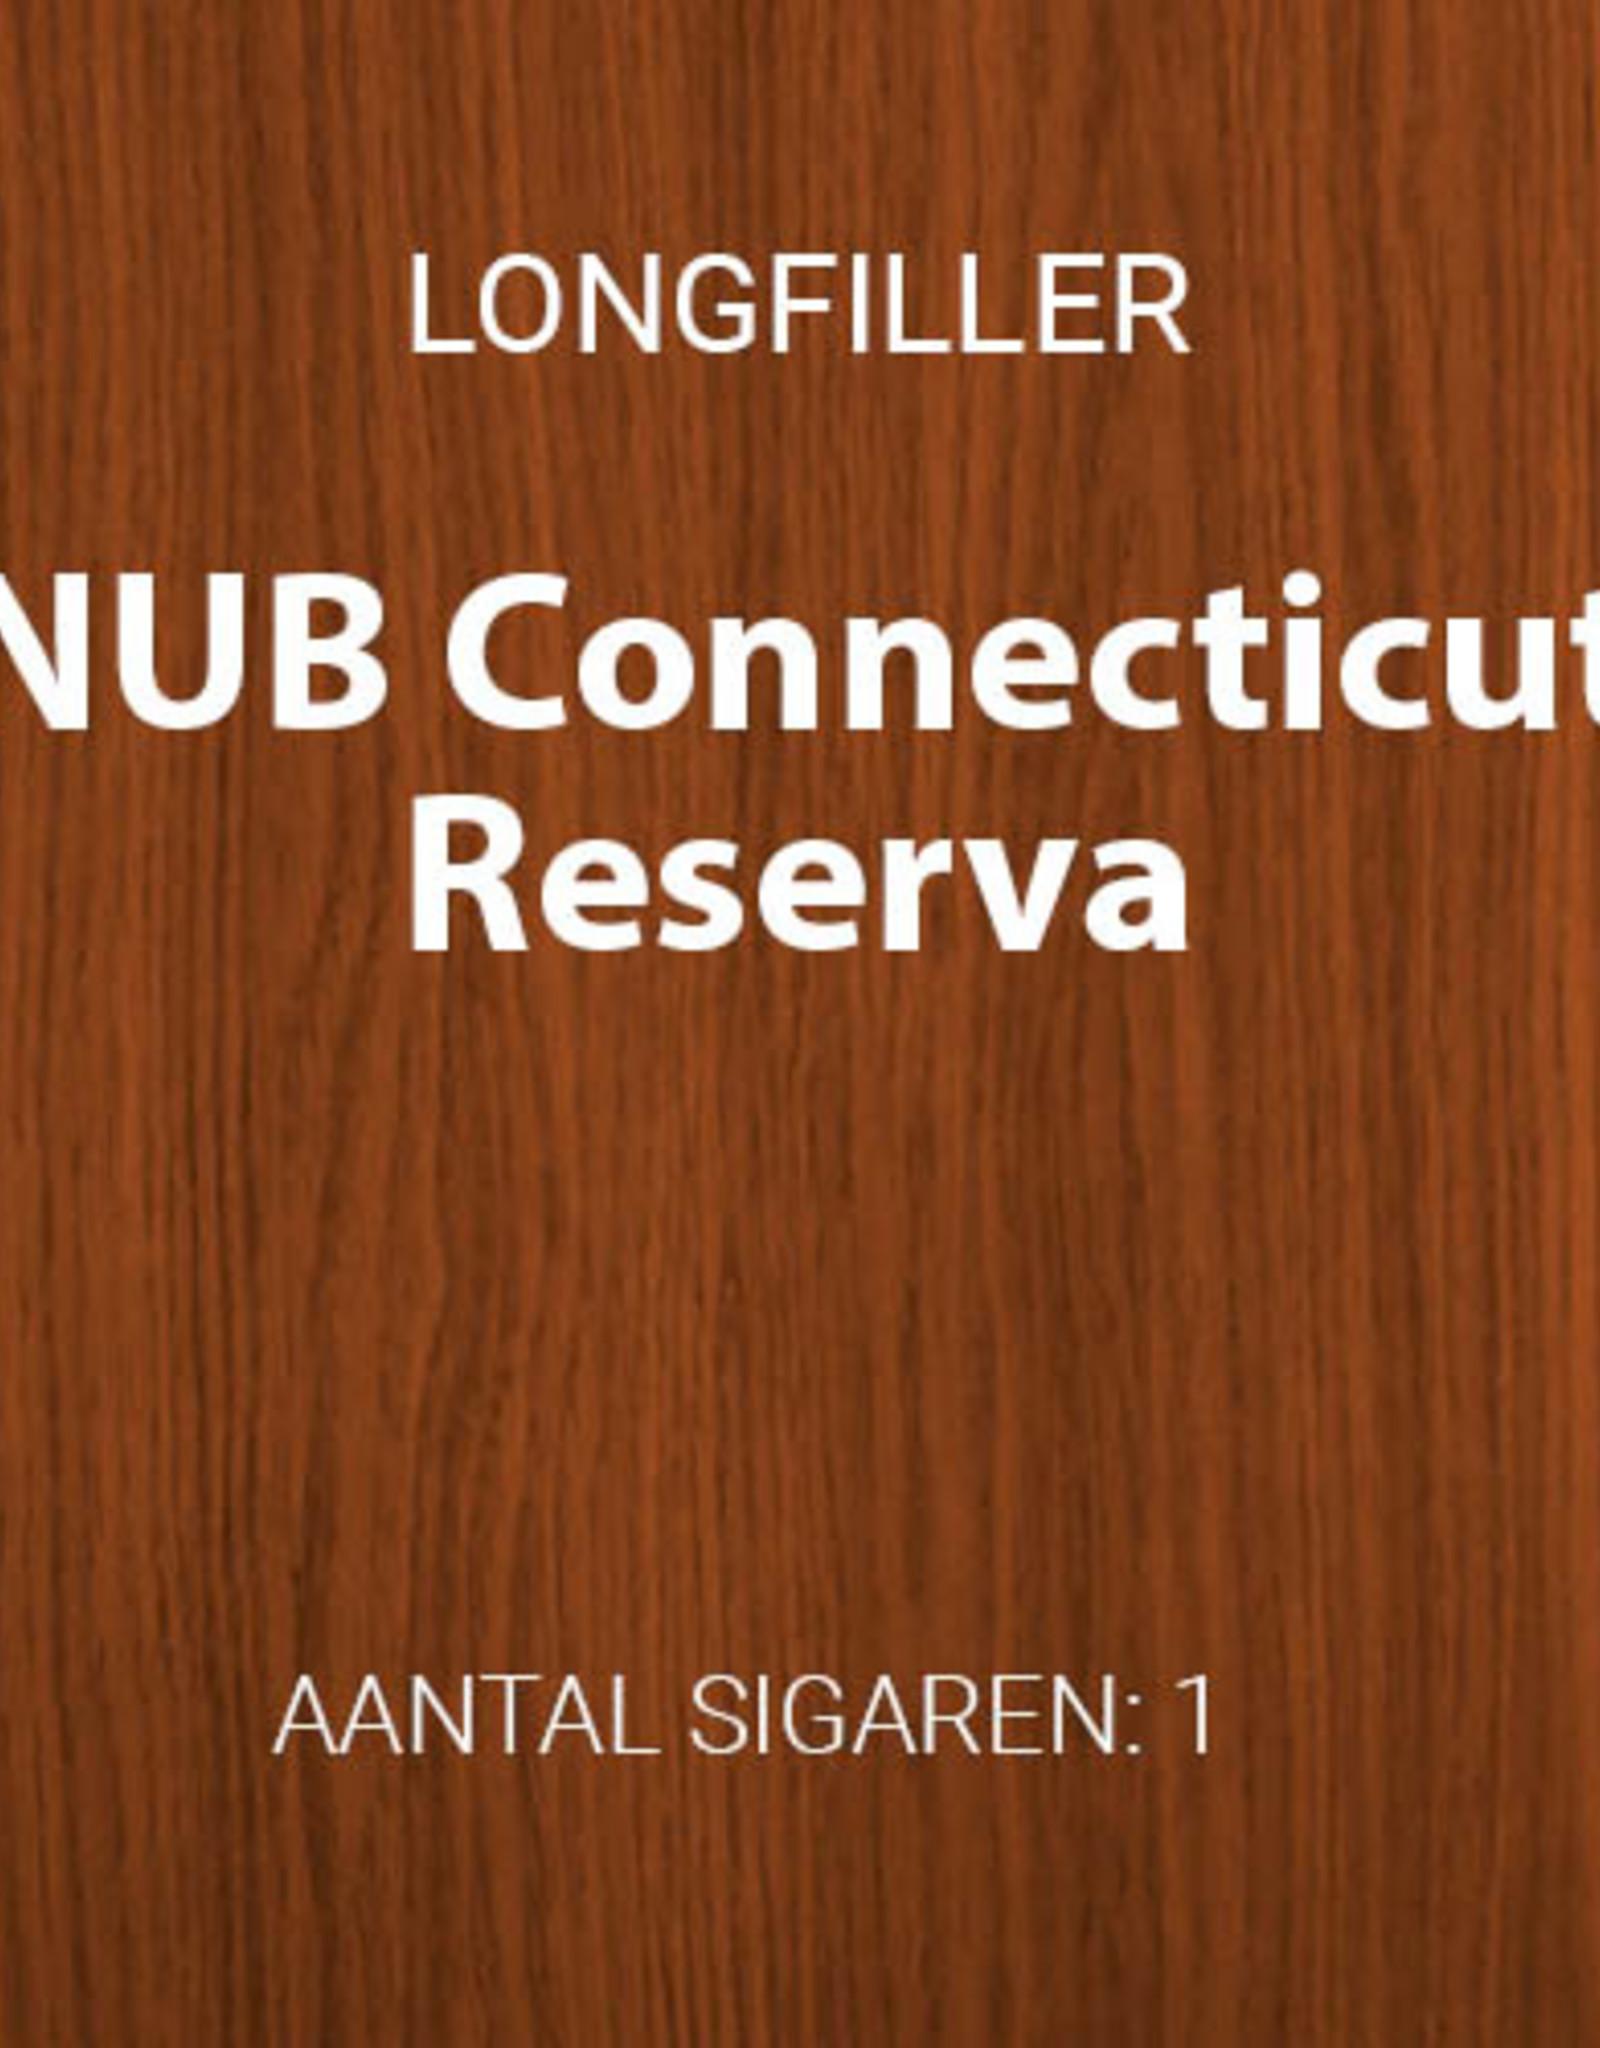 Nub Connecticut Reserva